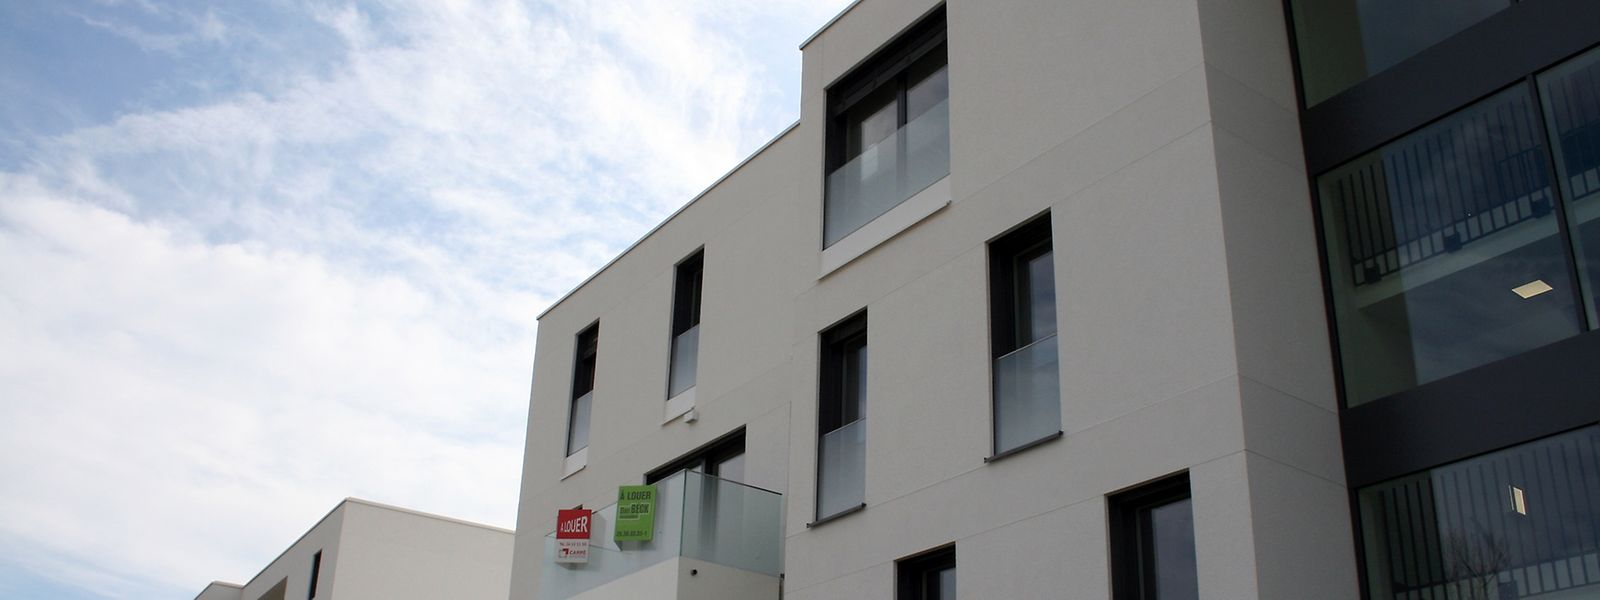 Les appartements vendus mesurent 87m2 en moyenne.